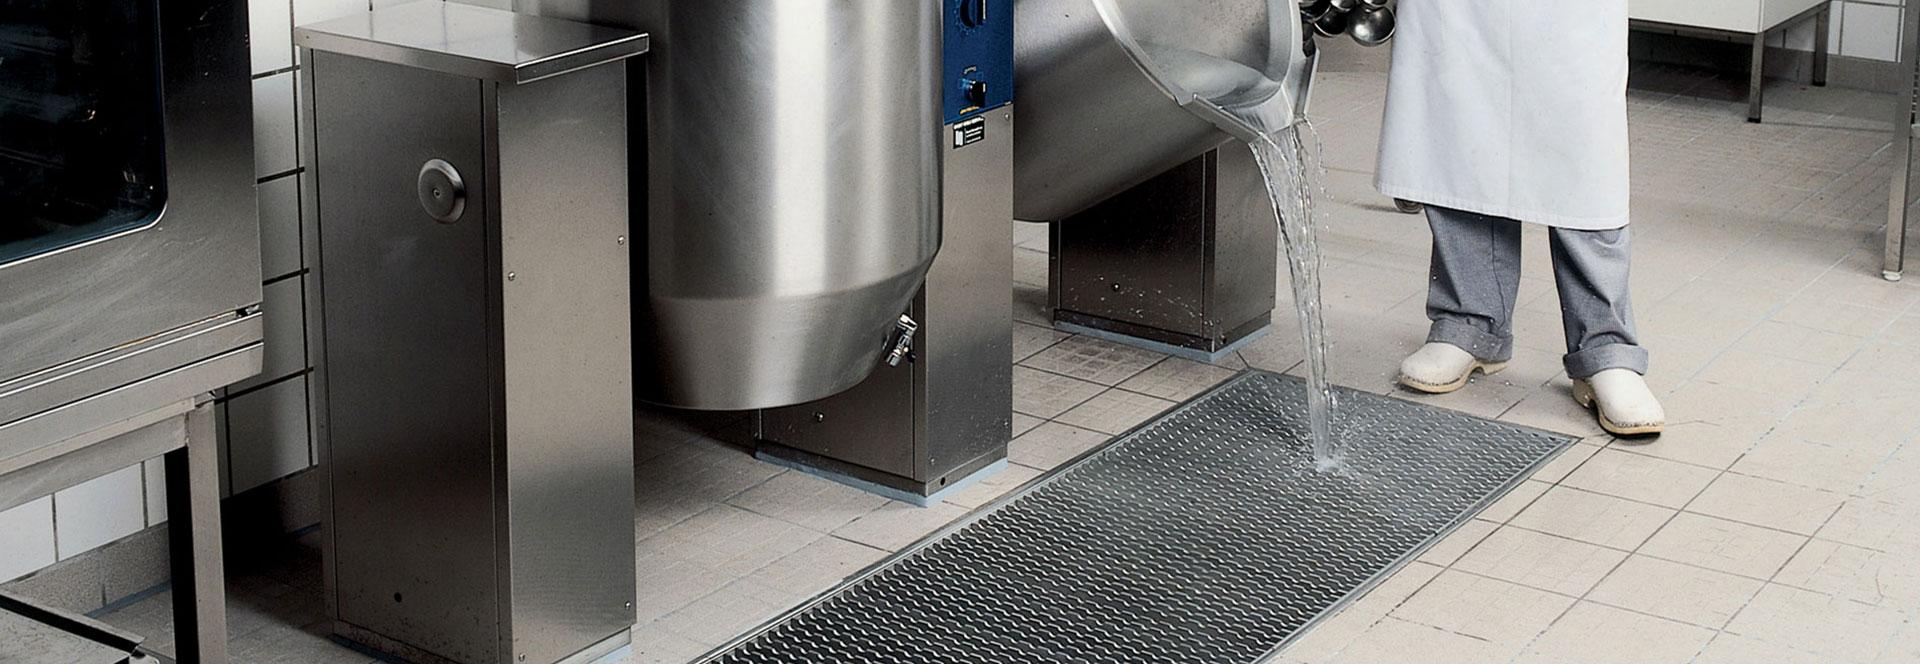 Blücher® Floor Drains & Endura® Grease Traps - Pescatech™